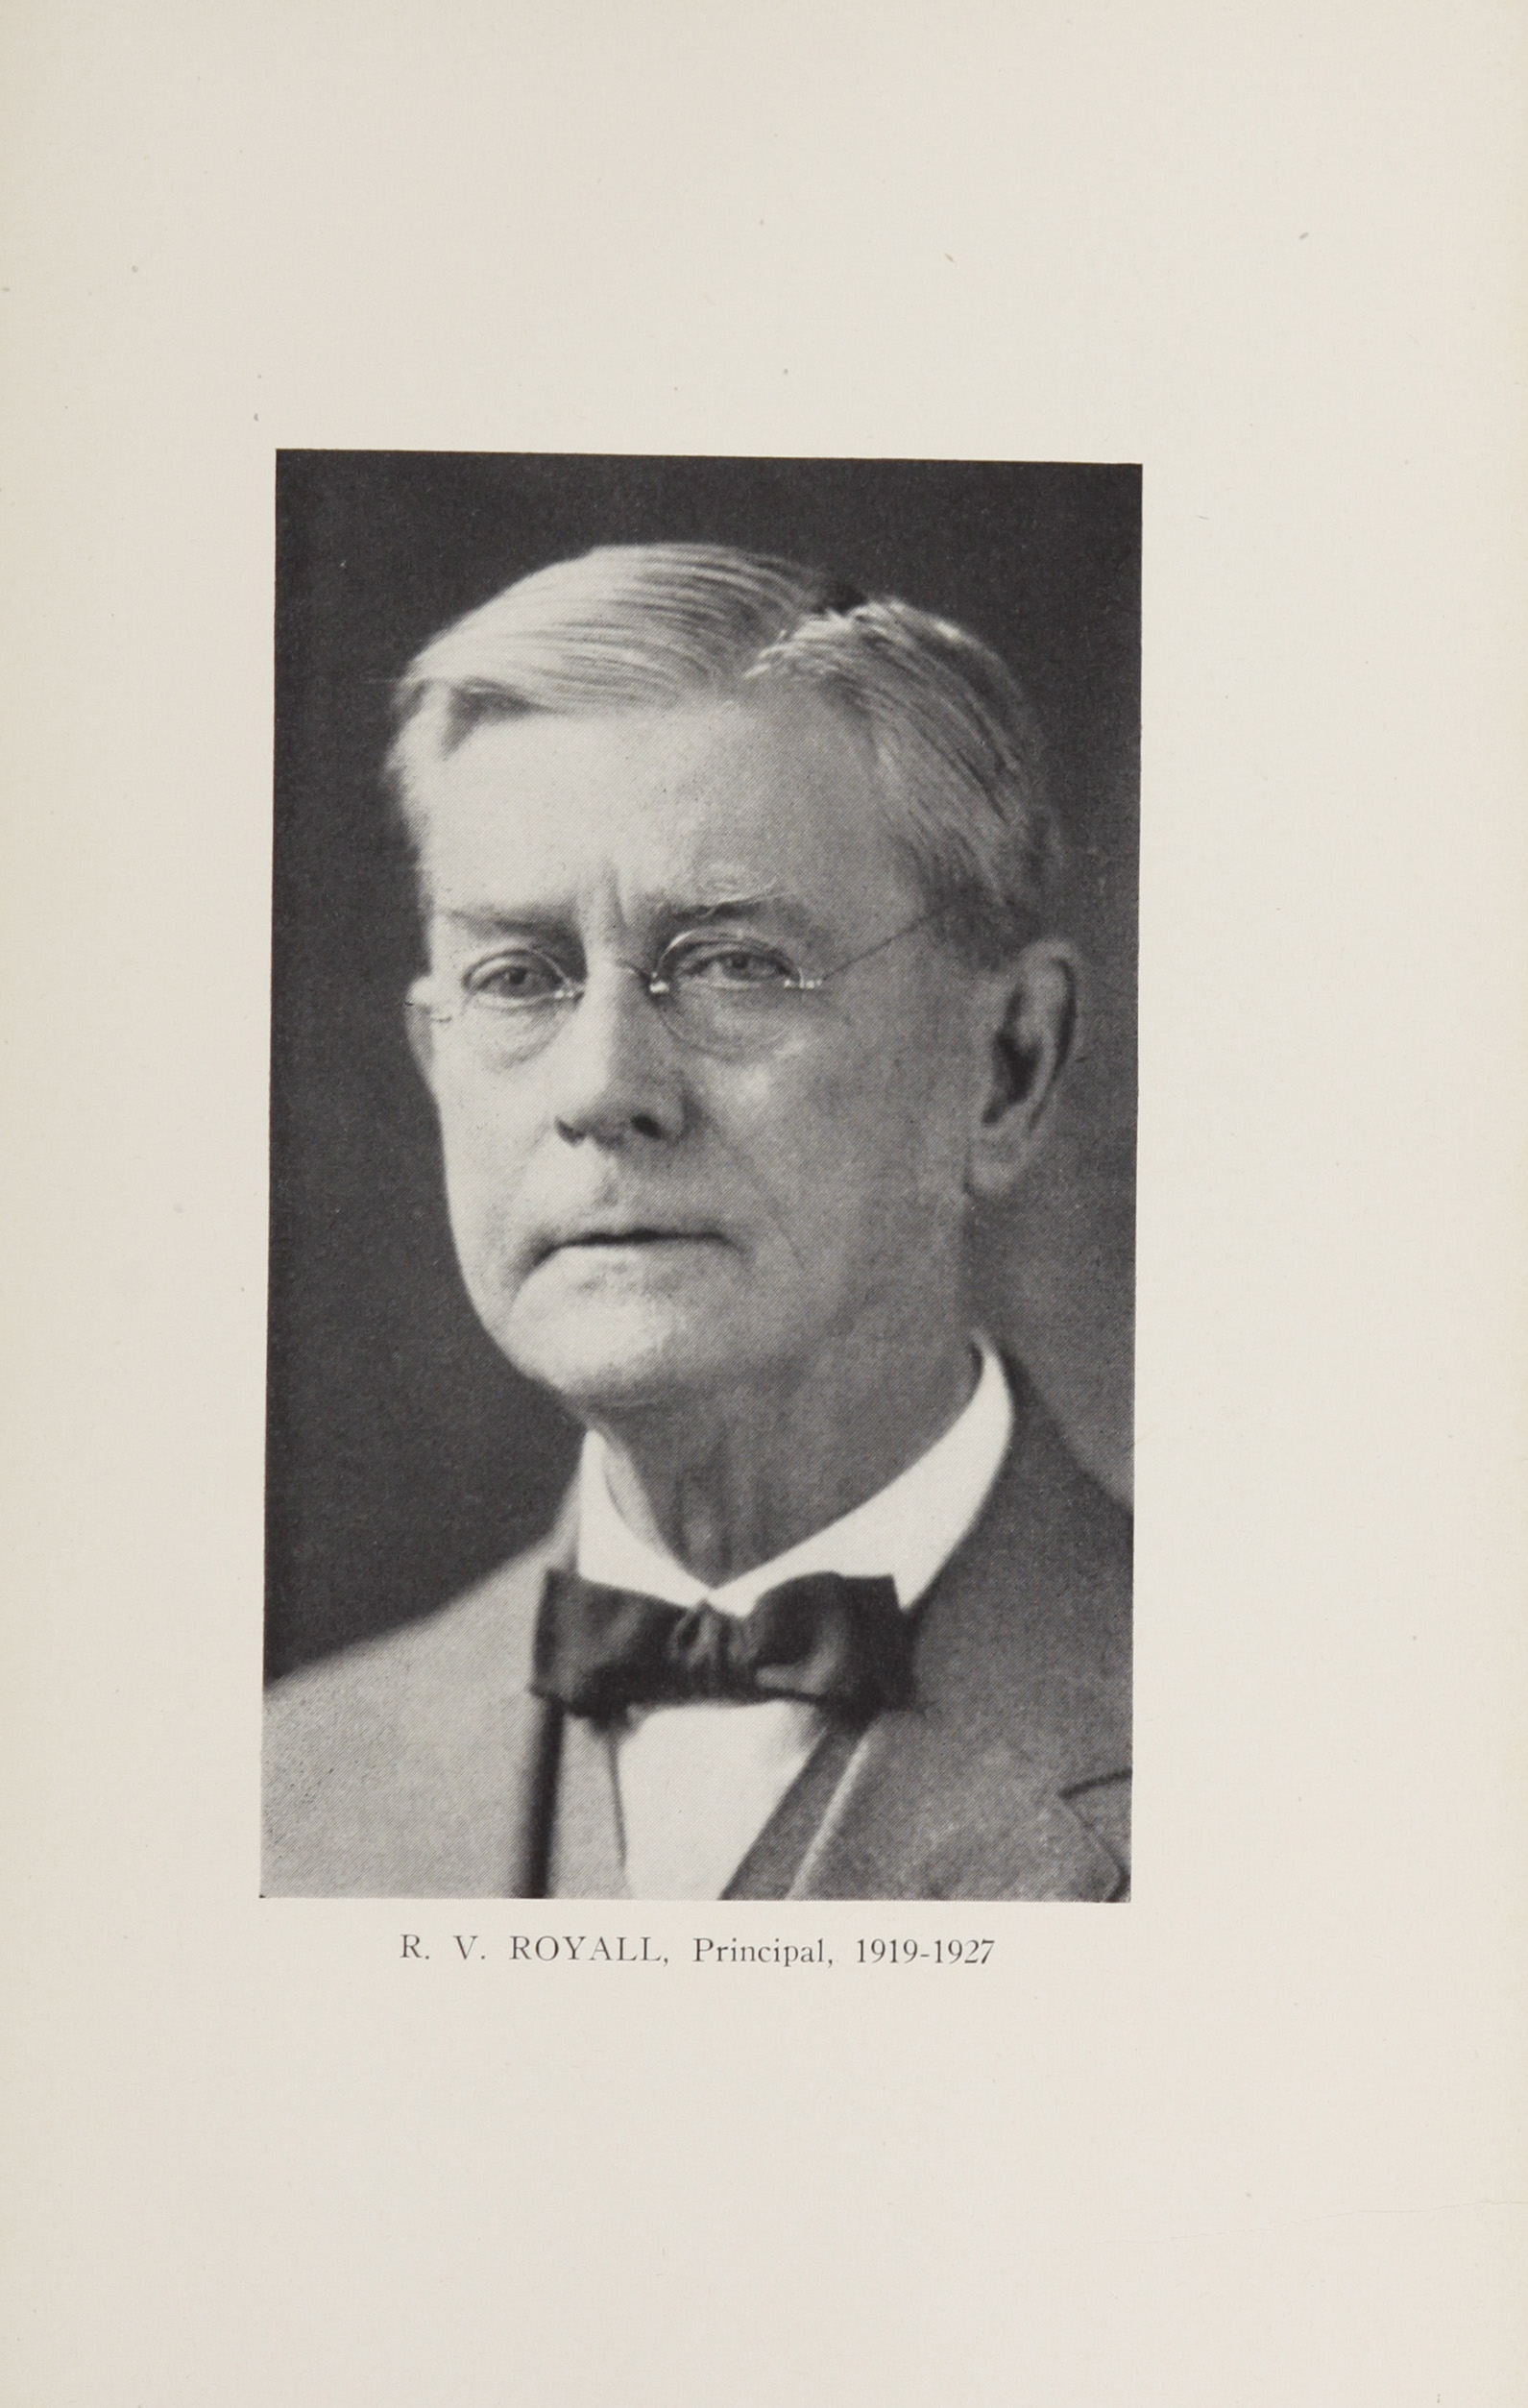 Charleston Yearbook, 1943, insert